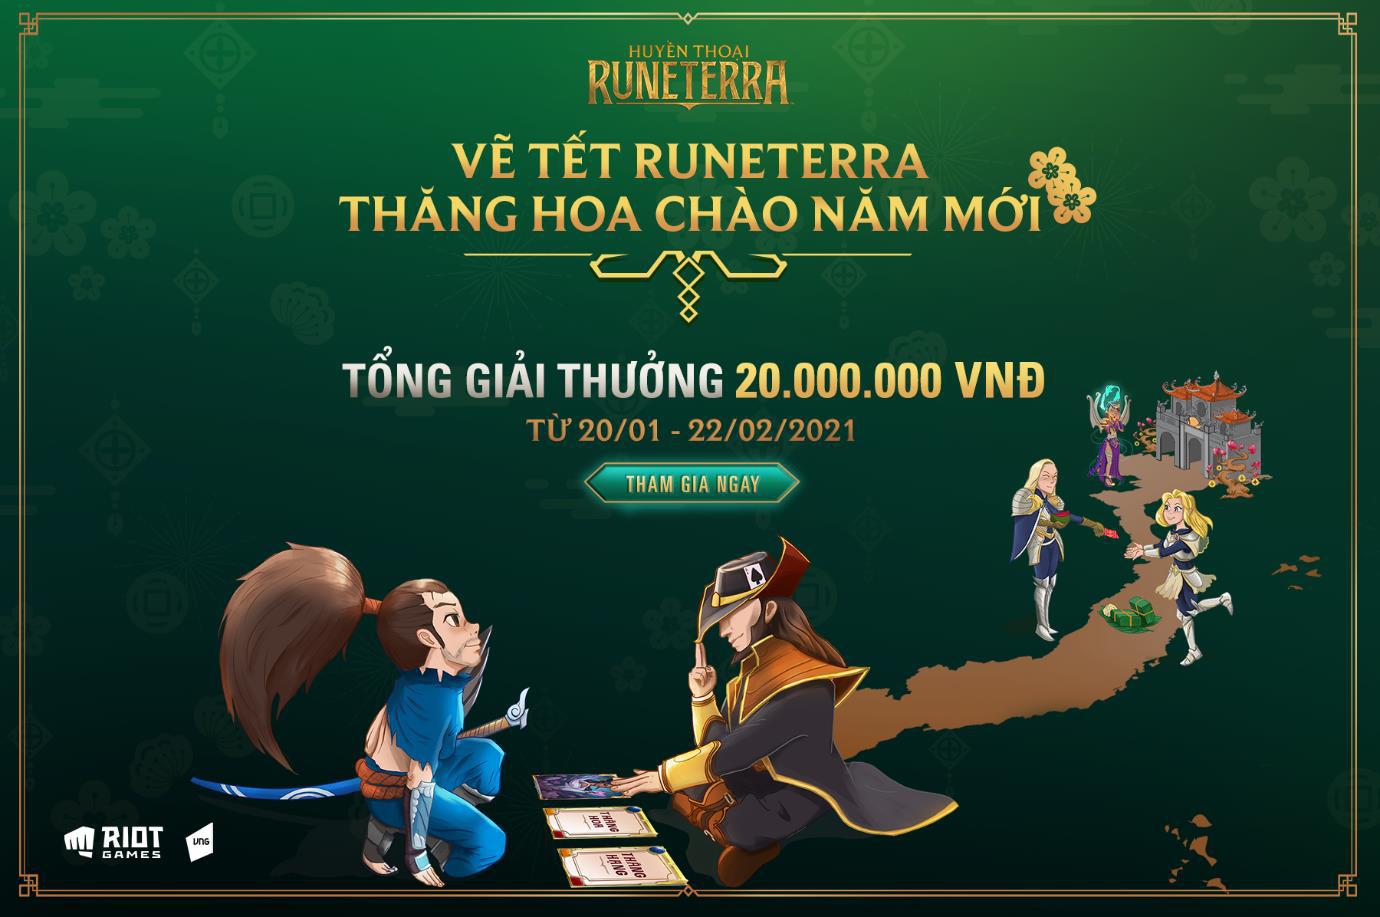 Huyền Thoại Runeterra tưng bừng khai xuân với cuộc thi Vẽ Tết Runeterra - Thăng hoa chào năm mới - Ảnh 1.